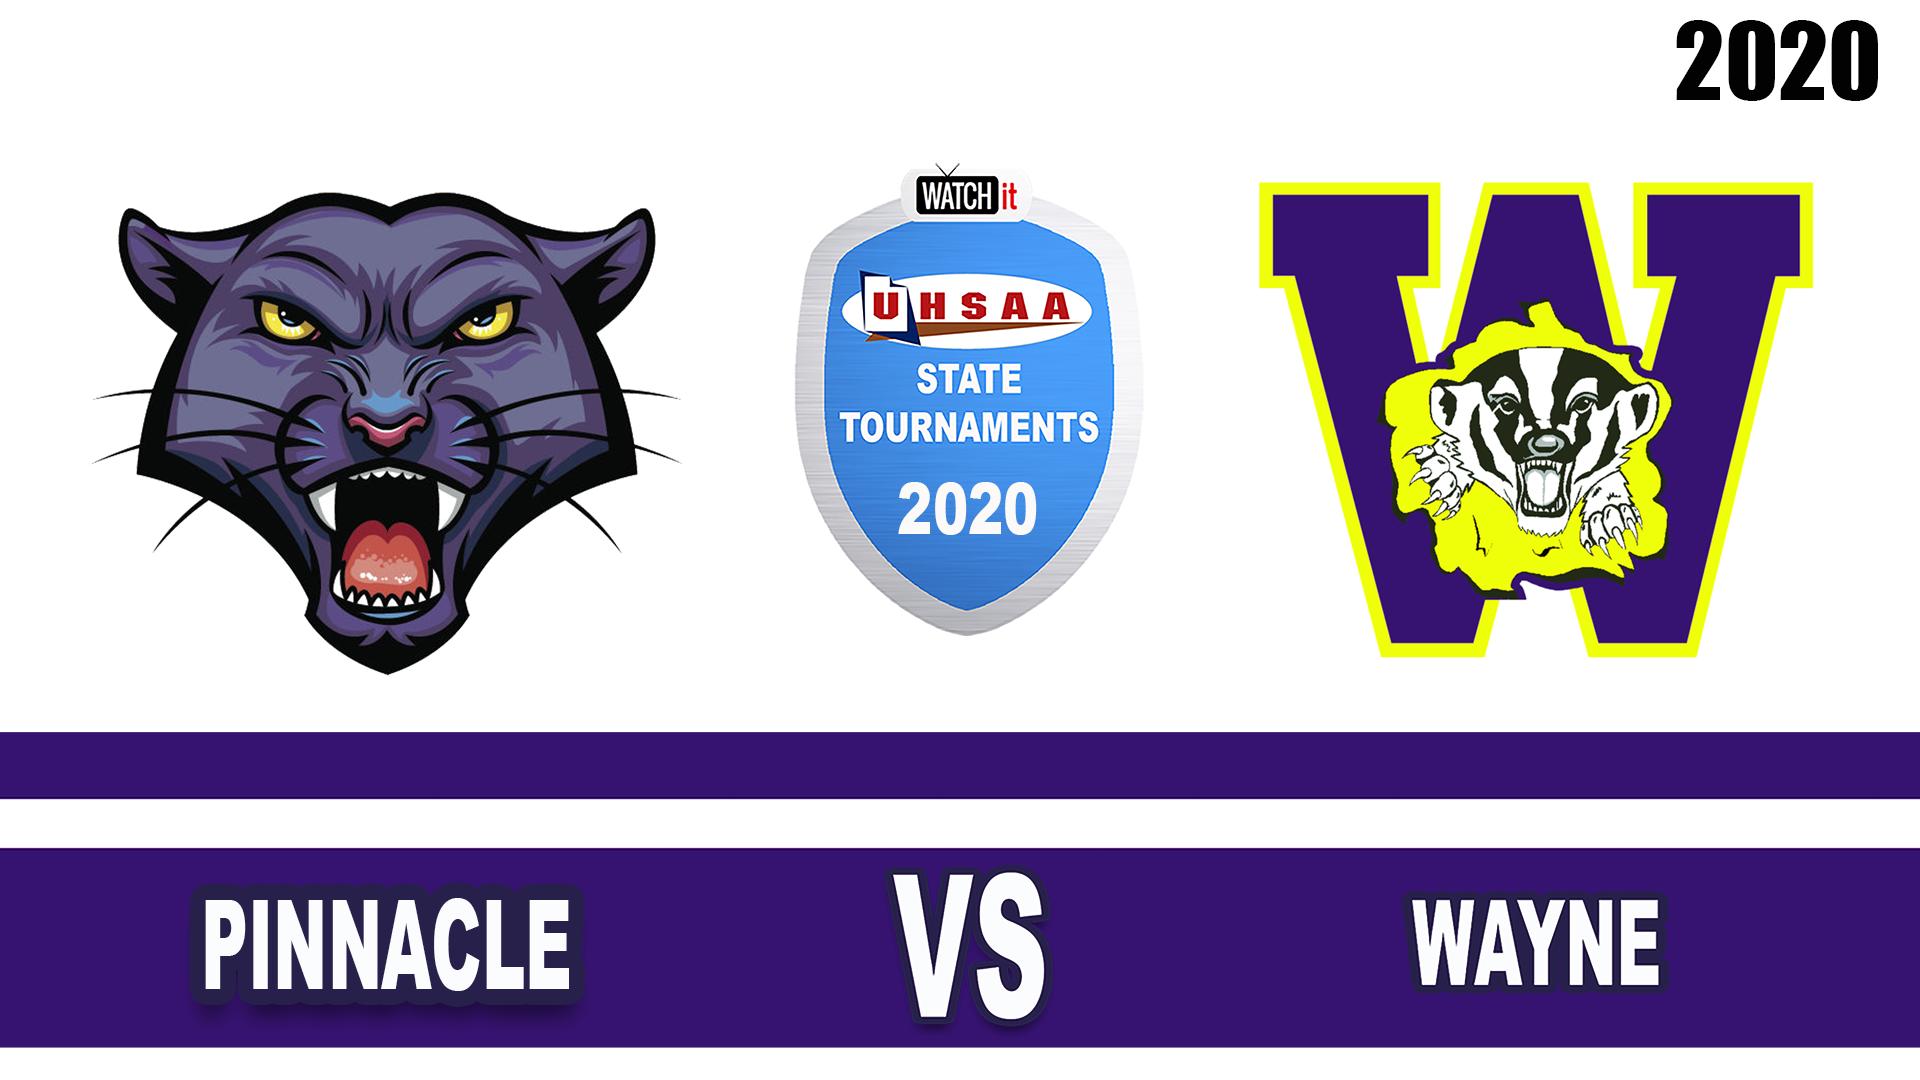 Pinnacle vs Wayne